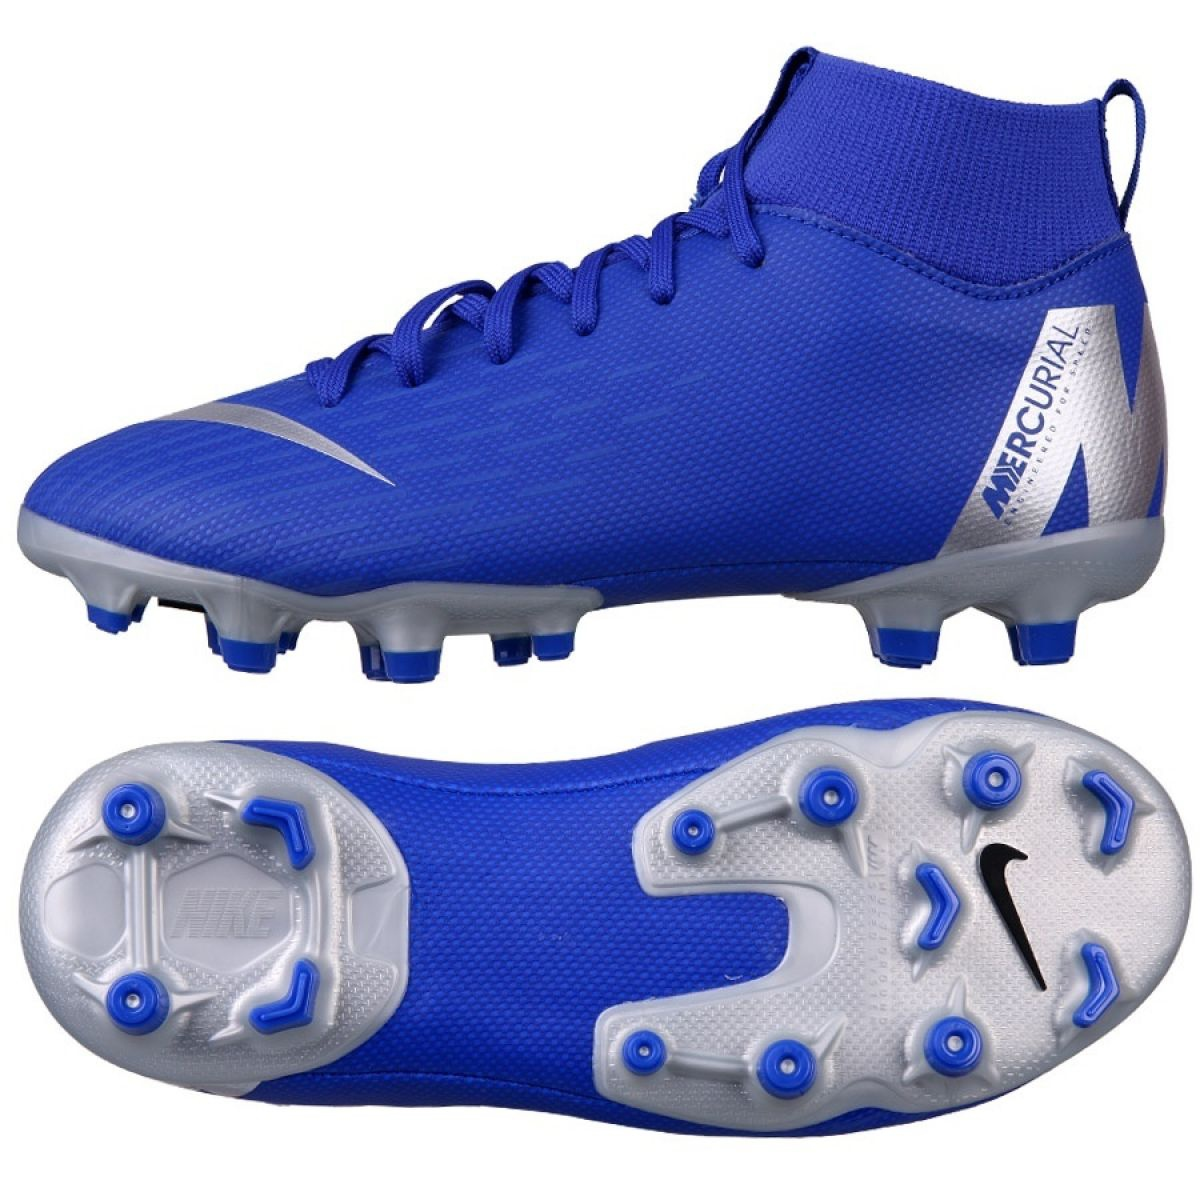 buy online 3f0f5 55767 Nike Mercurial Superfly 6 Academy Mg Jr AH7337-400